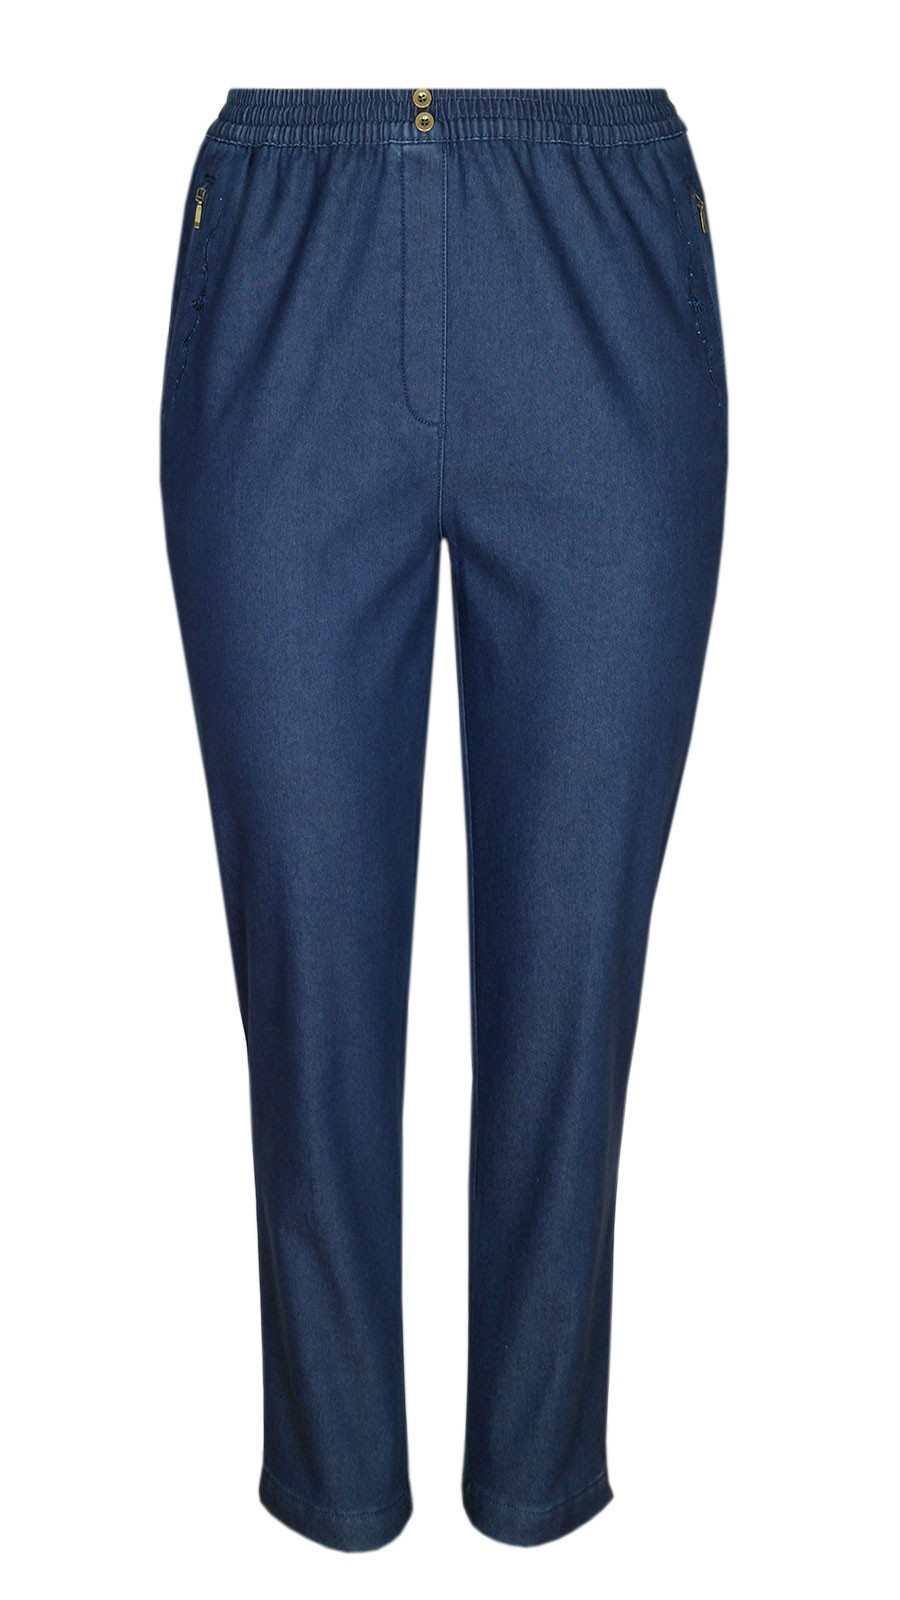 Damen Thermo Stretch Schlupfjeans Schlupfhose gefütterte Winter-Jeans - Blue